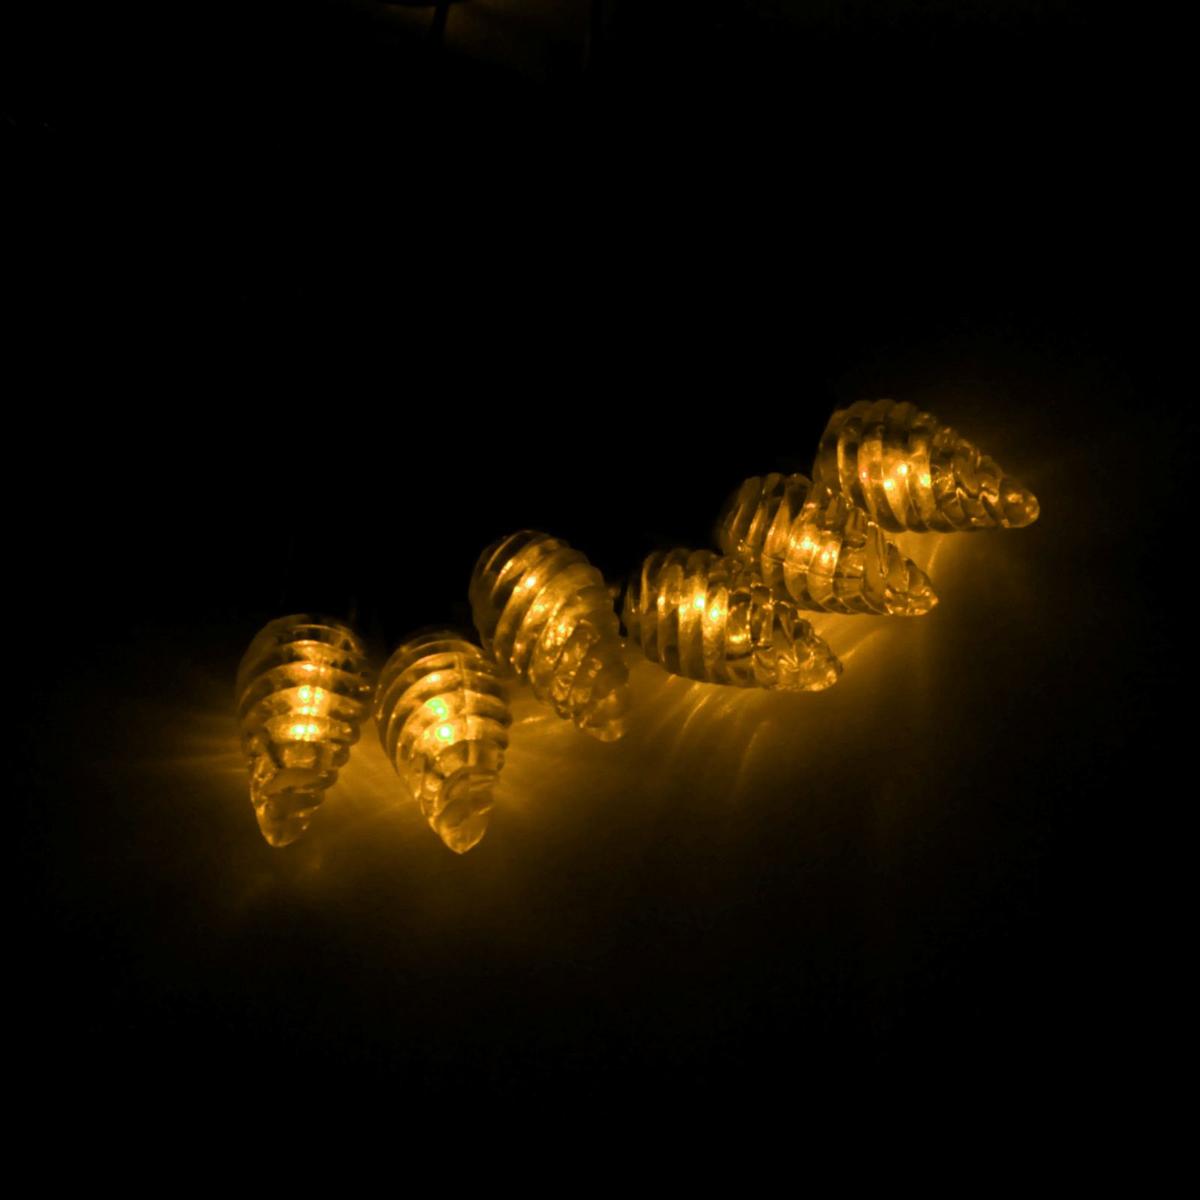 Гирлянда светодиодная Luazon Метраж. Растаявший лед, уличная с насадкой, фиксинг, 40 ламп, 220 V, 5 м, цвет: желтый. 185568185568Светодиодные гирлянды, ленты и т.д. — это отличный вариант для новогоднего оформления интерьера или фасада. С их помощью помещение любого размера можно превратить в праздничный зал, а внешние элементы зданий, украшенные ими, мгновенно станут напоминать очертания сказочного дворца. Такие украшения создают ауру предвкушения чуда. Деревья, фасады, витрины, окна и арки будто специально созданы, чтобы вы украсили их светящимися нитями.